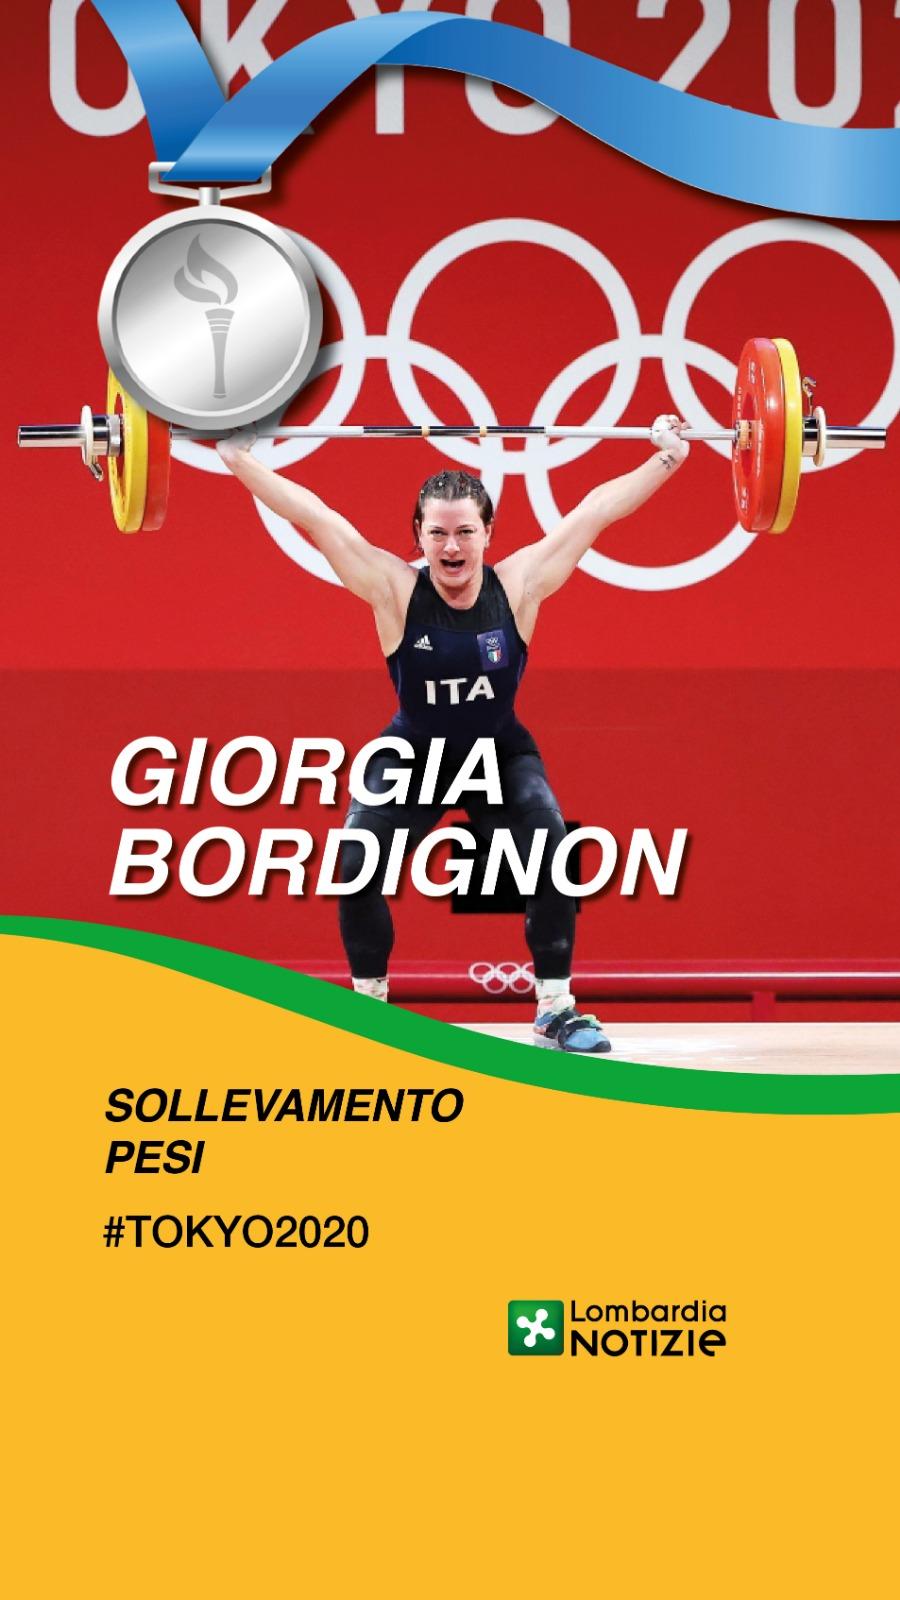 Tokyo 2020: Argento sollevamento pesi – Giorgia Bordignon